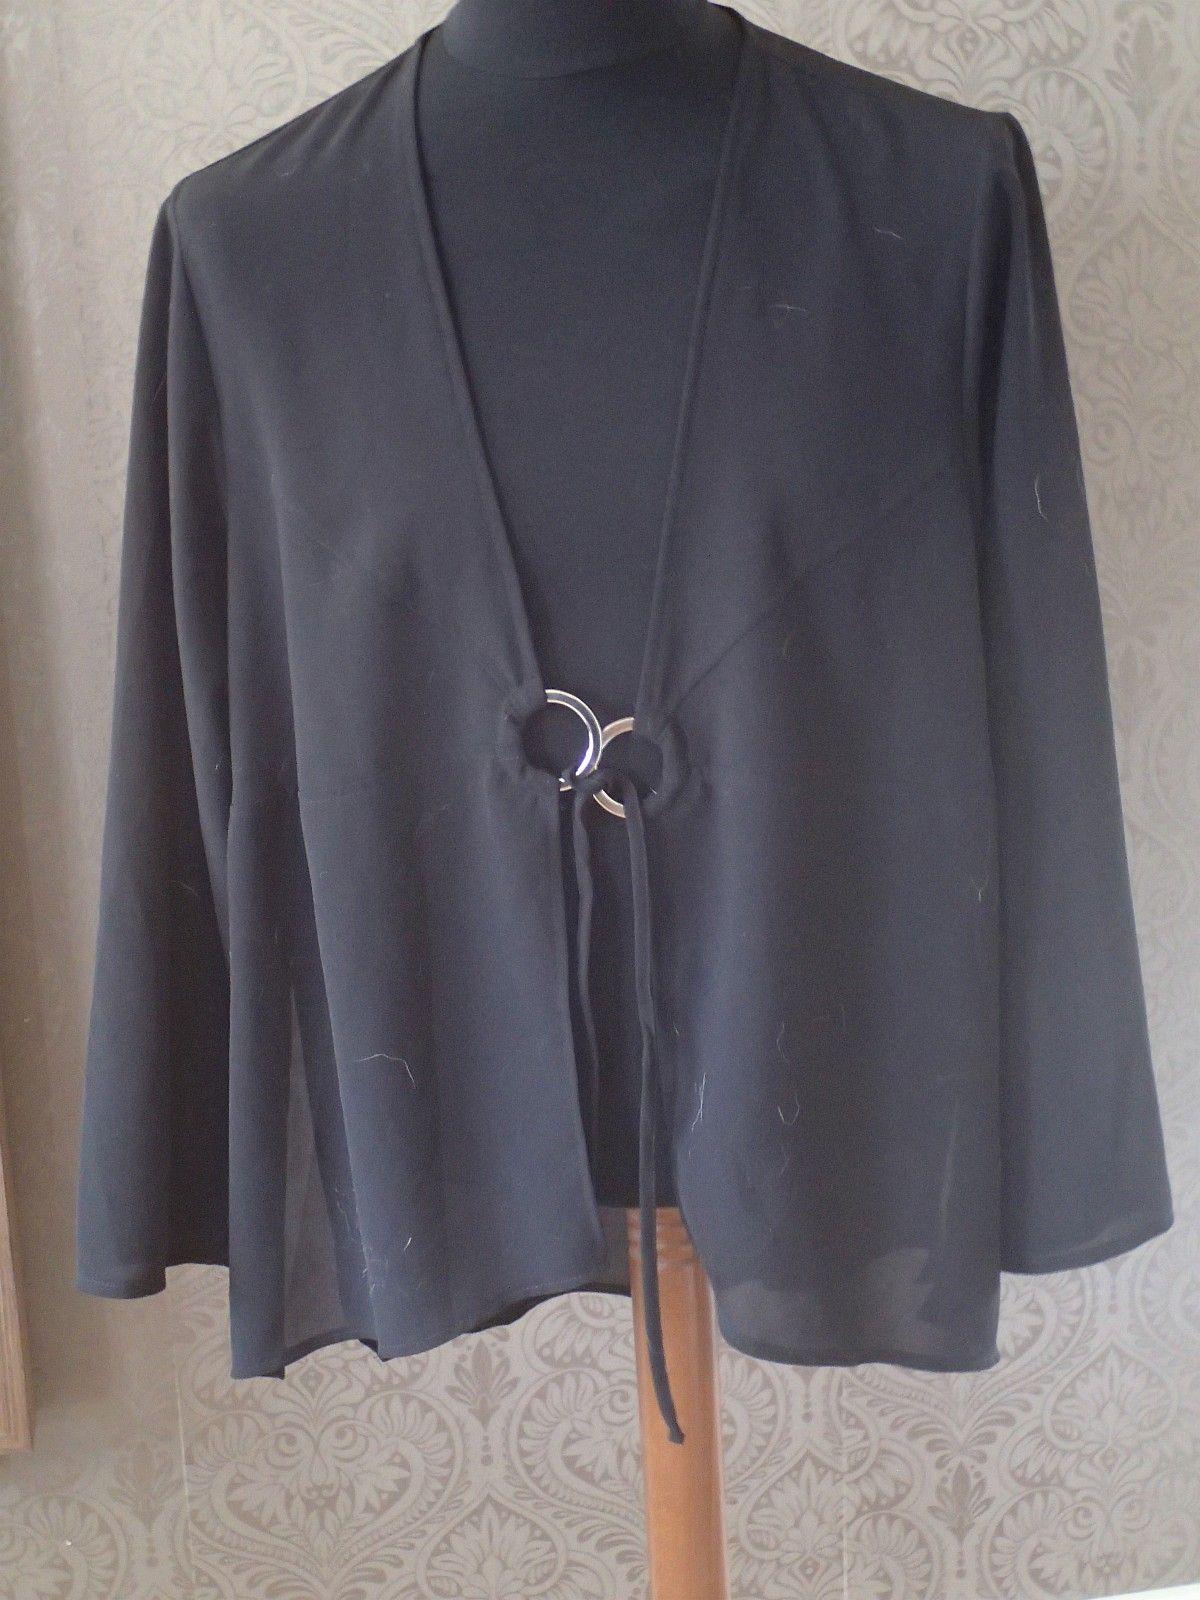 d37574ccbf21 Sort lett jakke til bruk for fest og